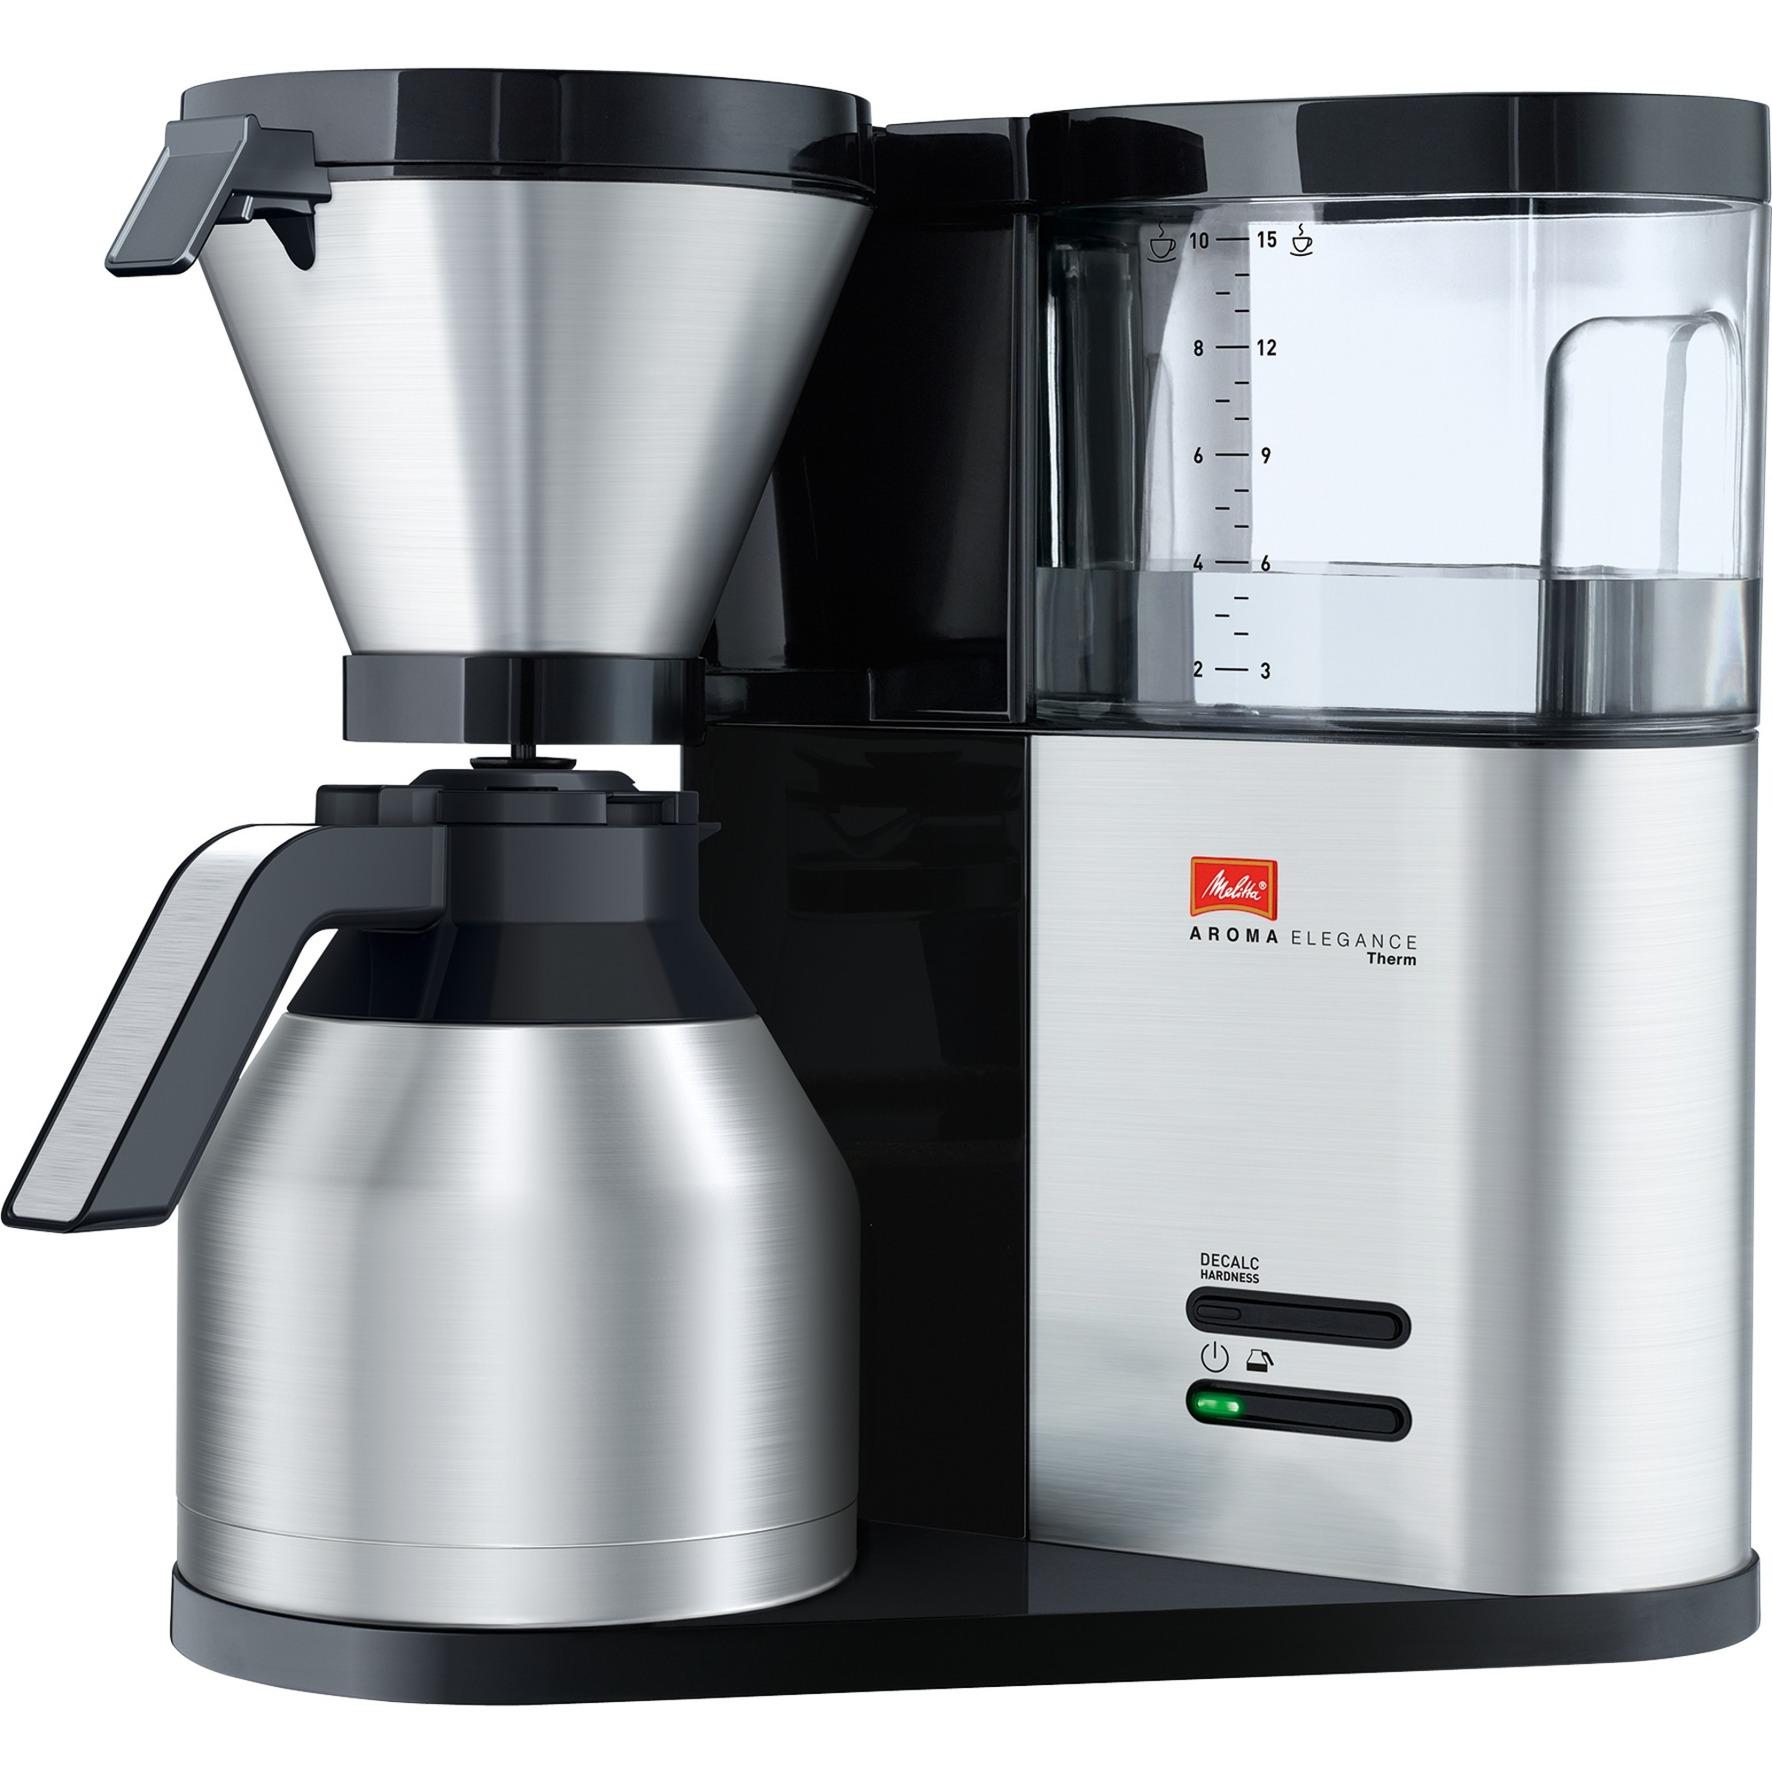 Aroma Elegance Therm Independiente Cafetera de filtro Negro, Acero inoxidable 15 tazas Totalmente automática